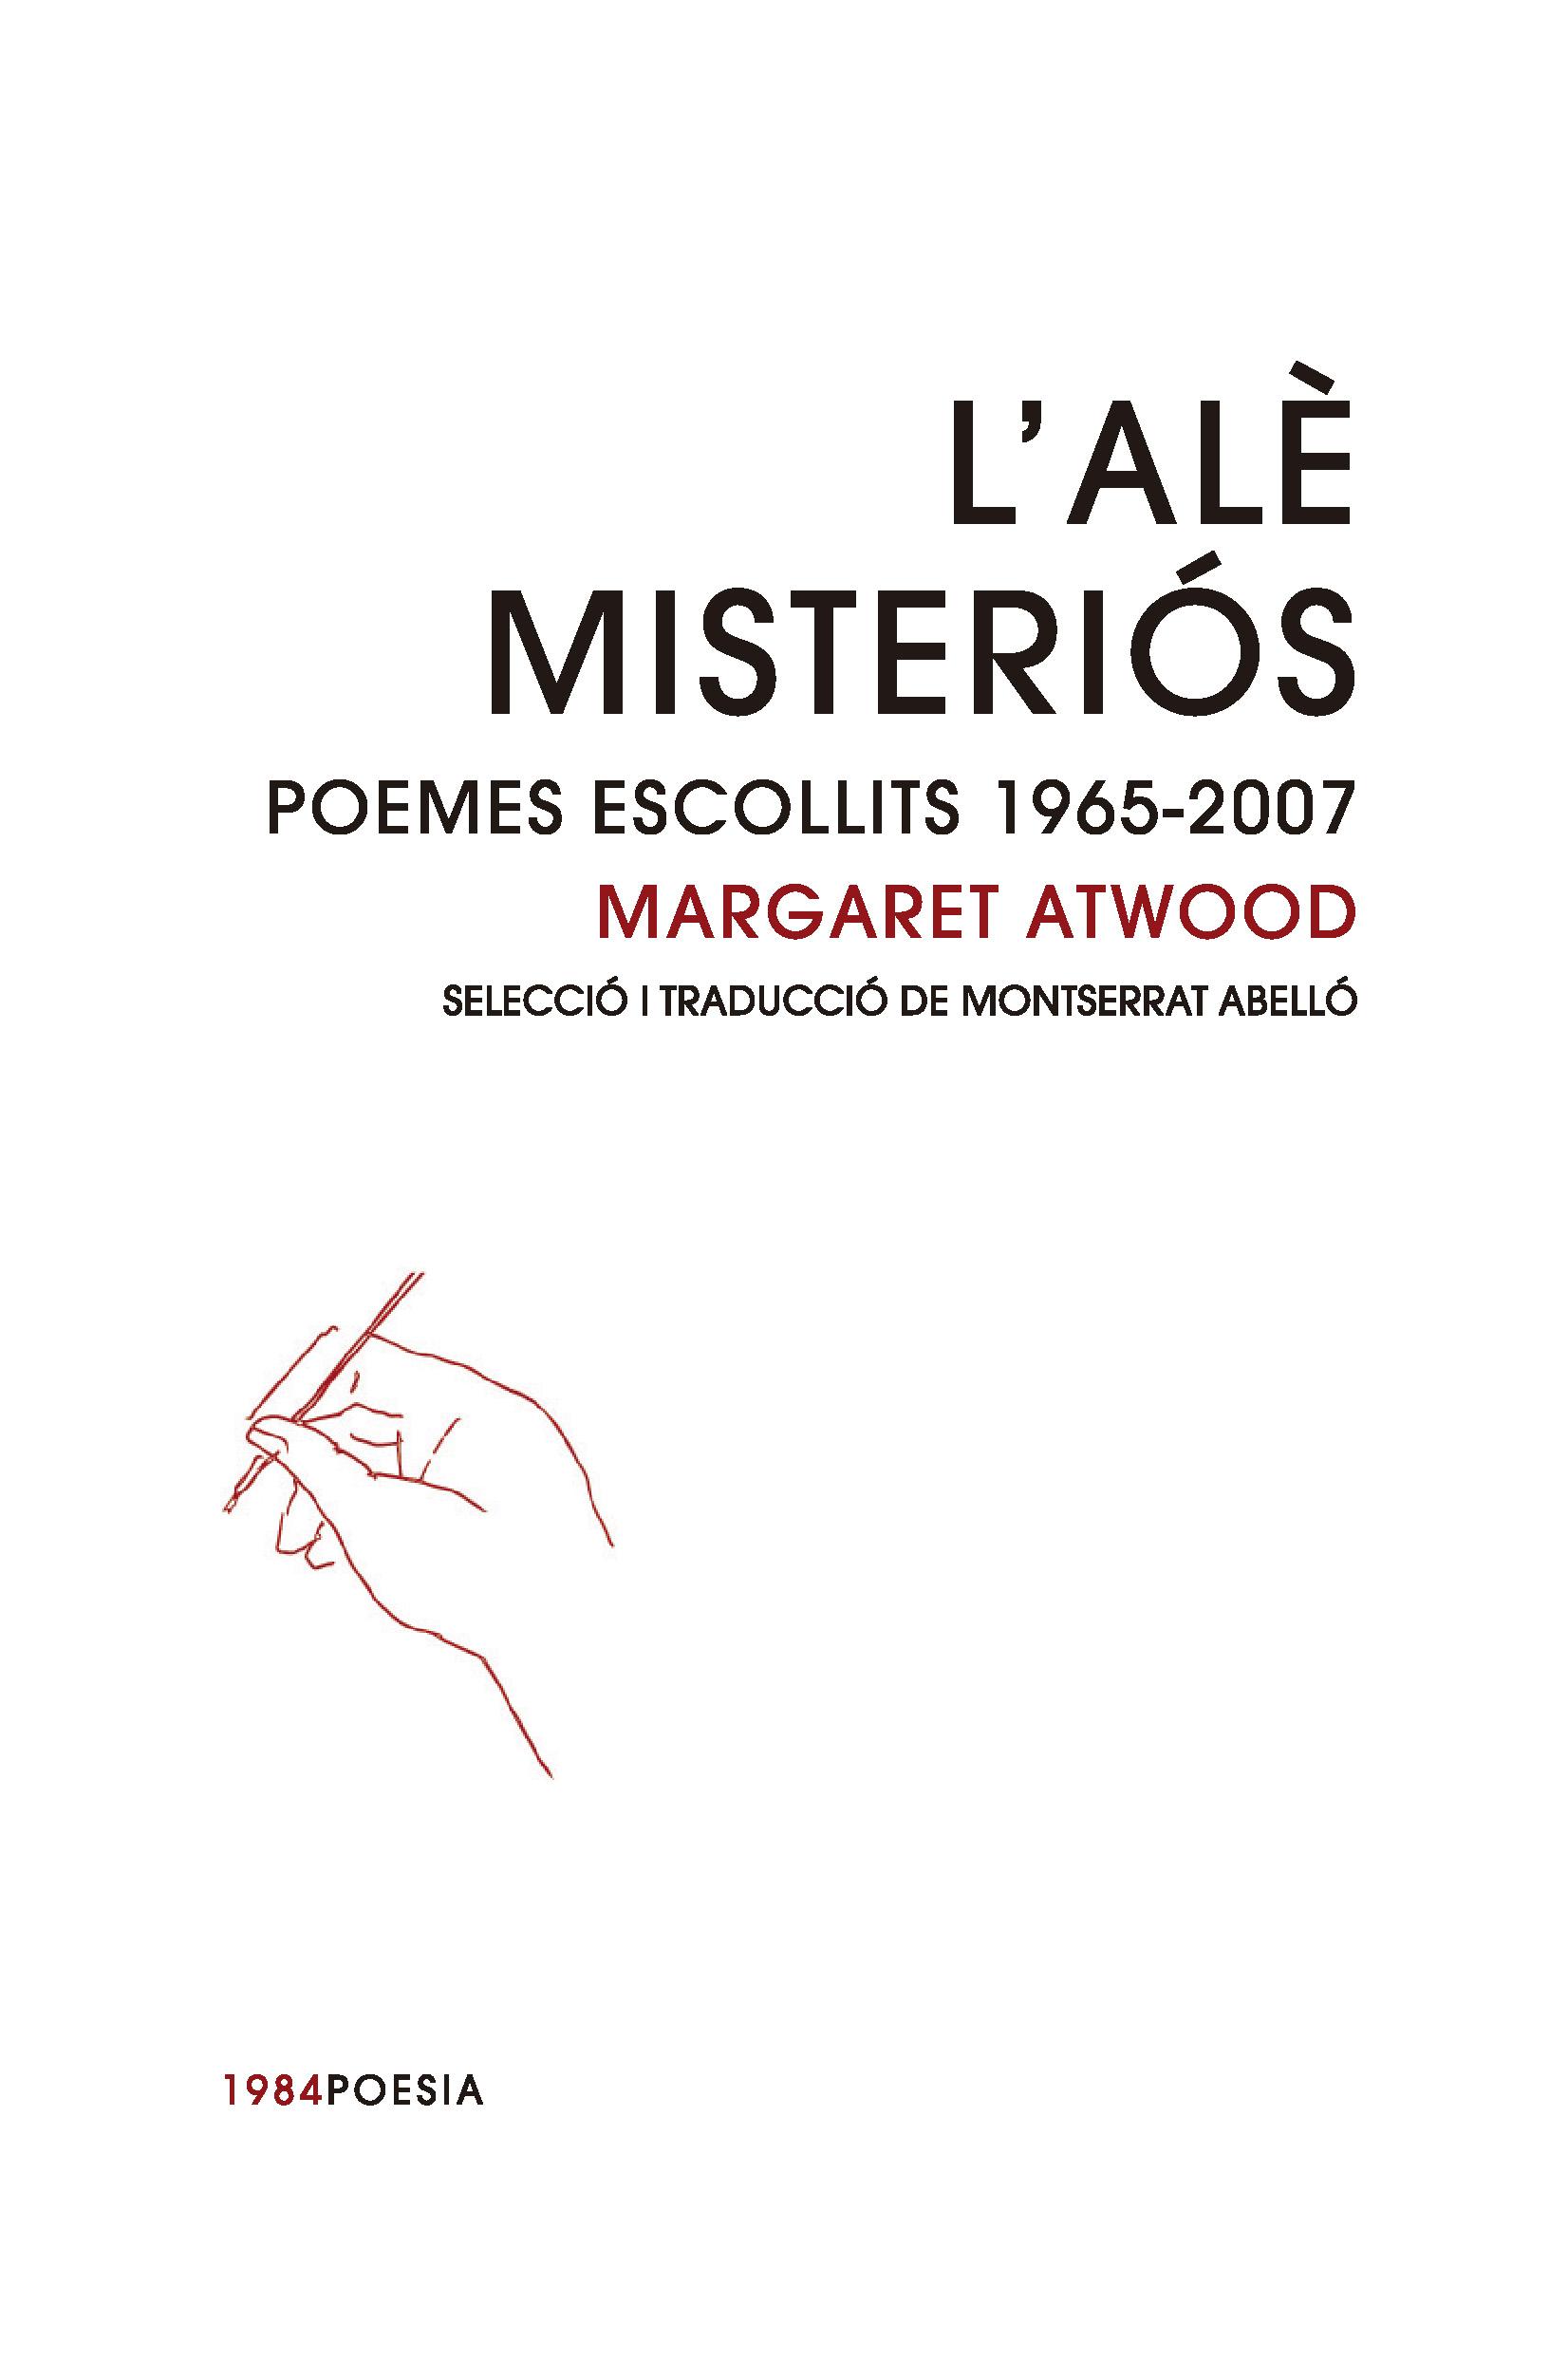 L'alè misteriós   «Poemes escollits 1965-2007»